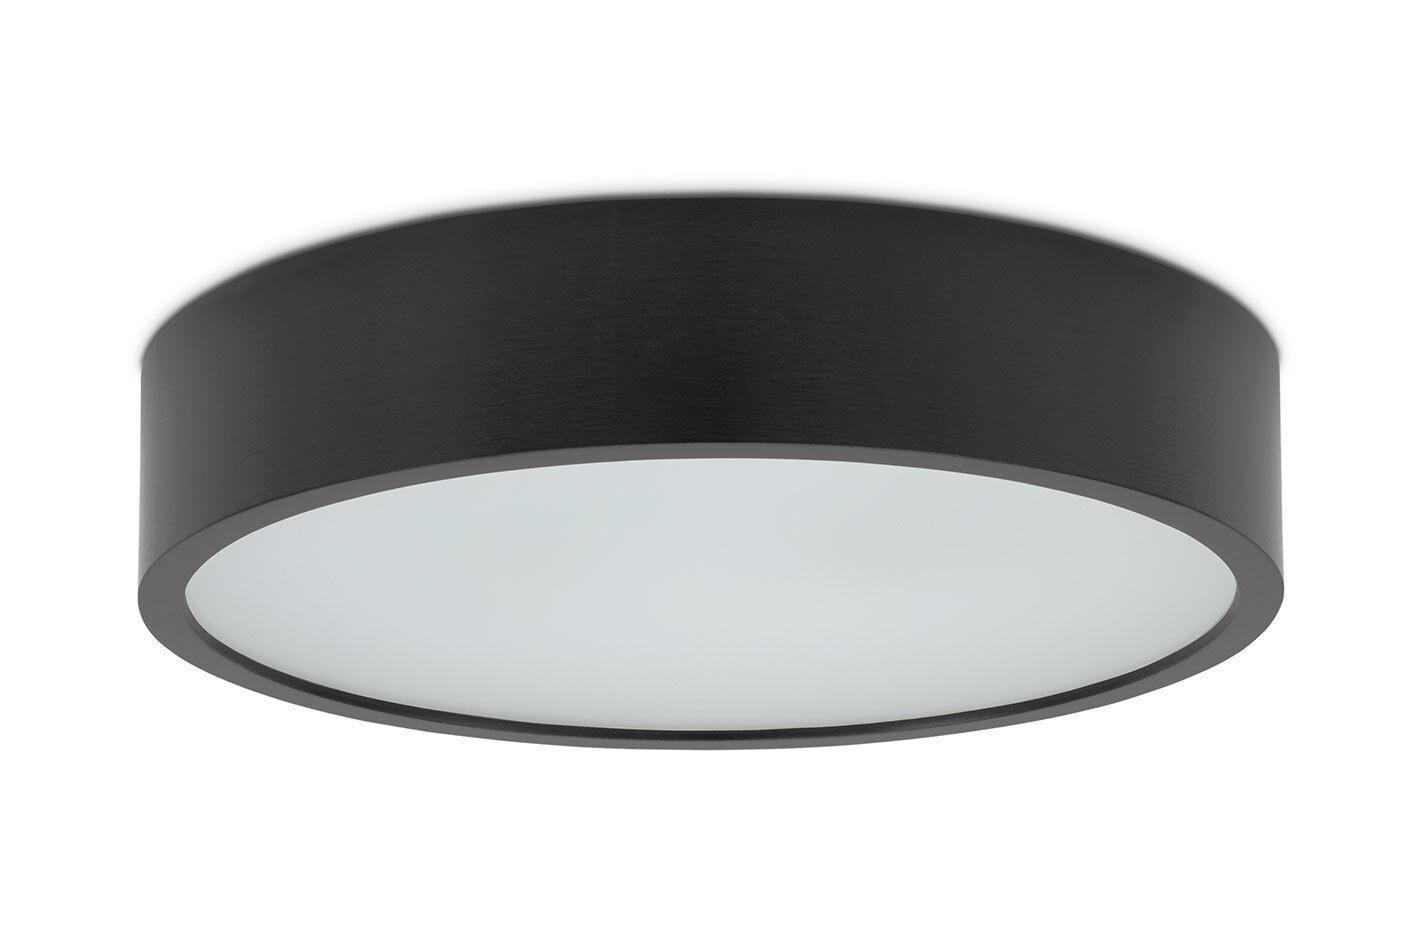 375 schwarz Plafond KATIA E27 Deckenlampe Deckenleuchte glas holz runde modern